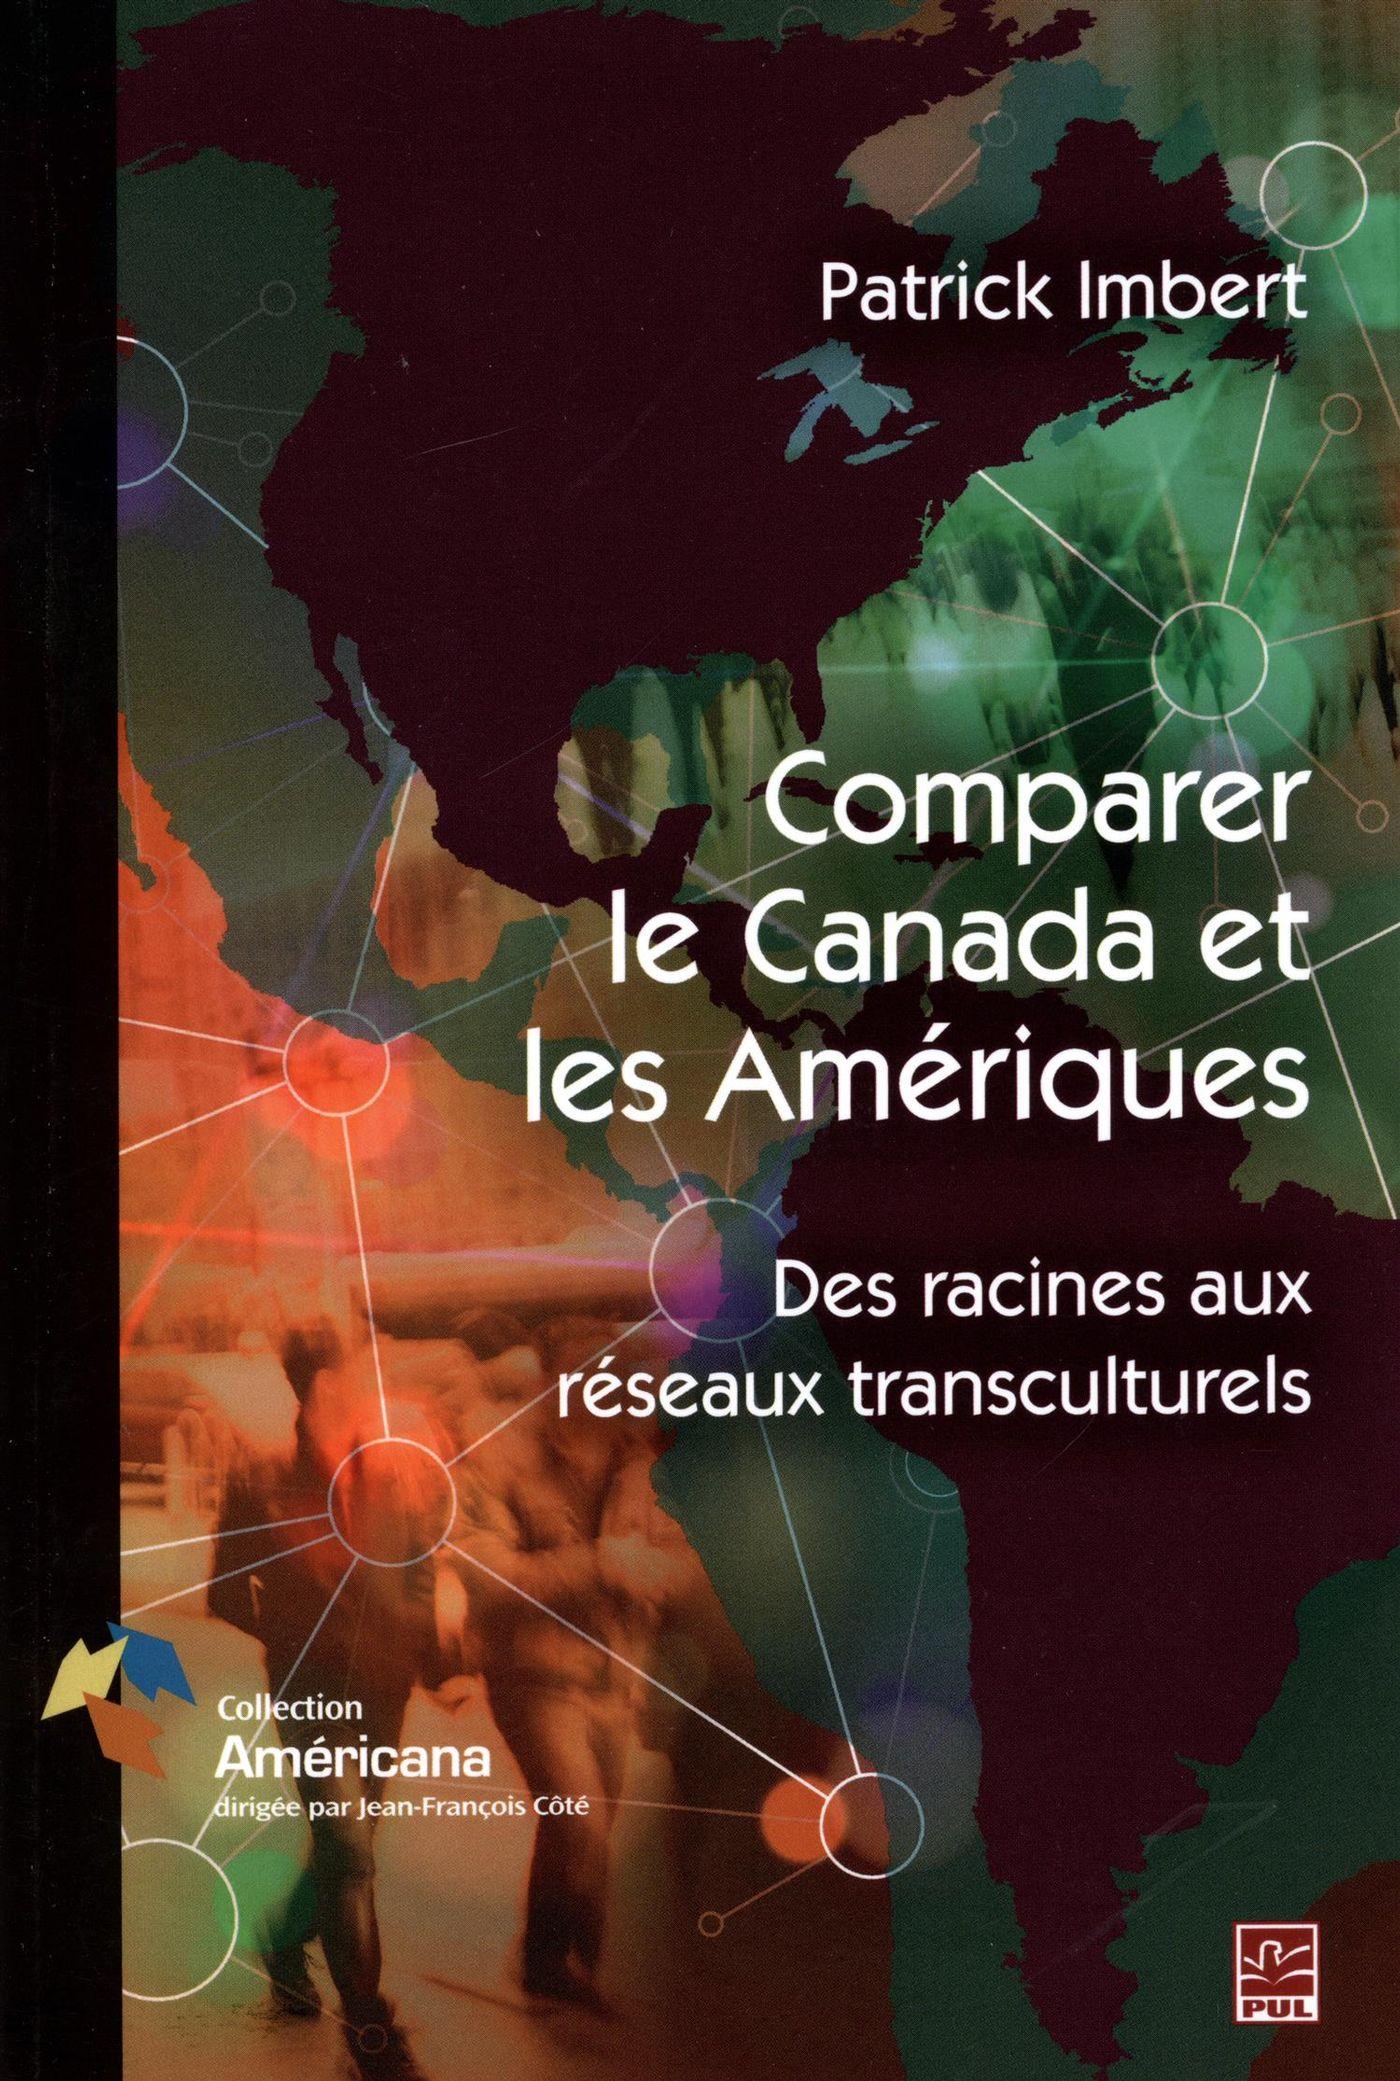 Comparer le Canada et les Amériques